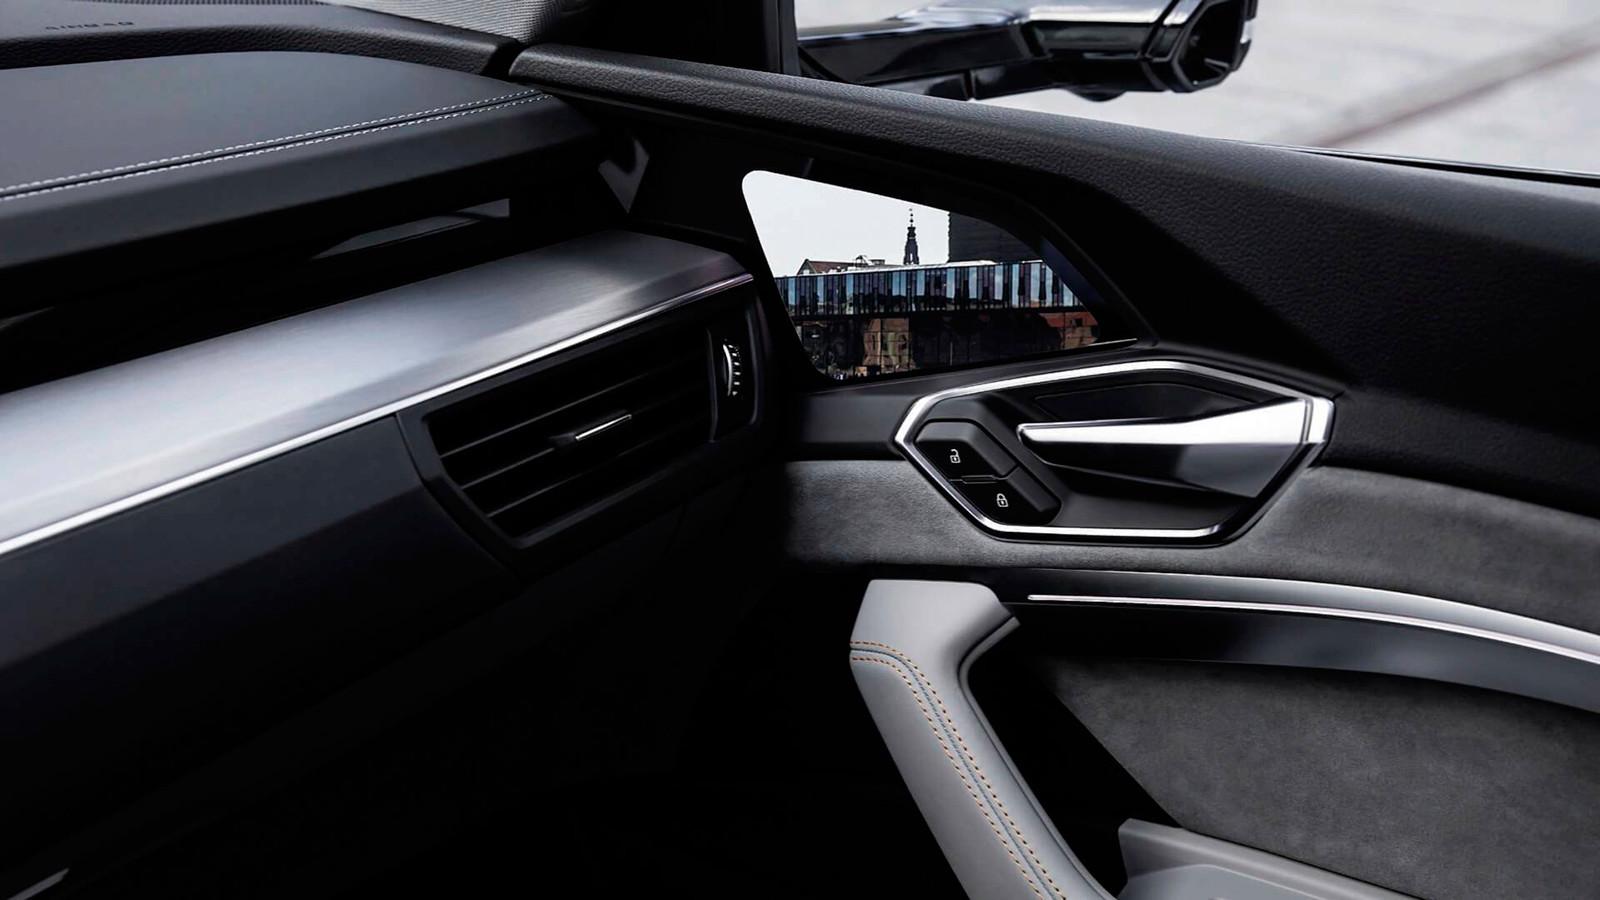 Foto de El habitáculo del Audi e-tron, al descubierto (16/19)